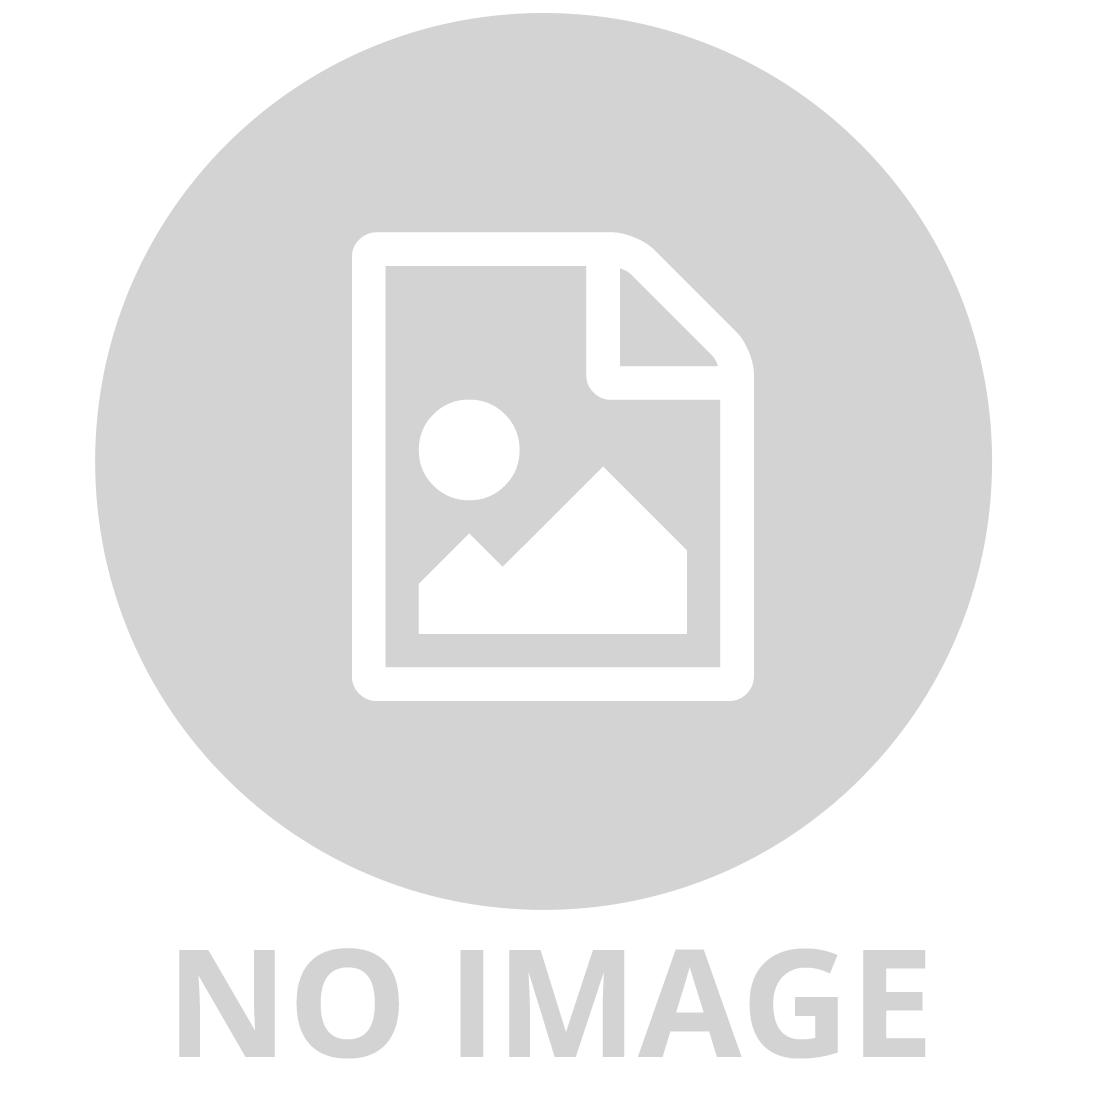 CRAYOLA 8 X EASY GRIP CRAYONS